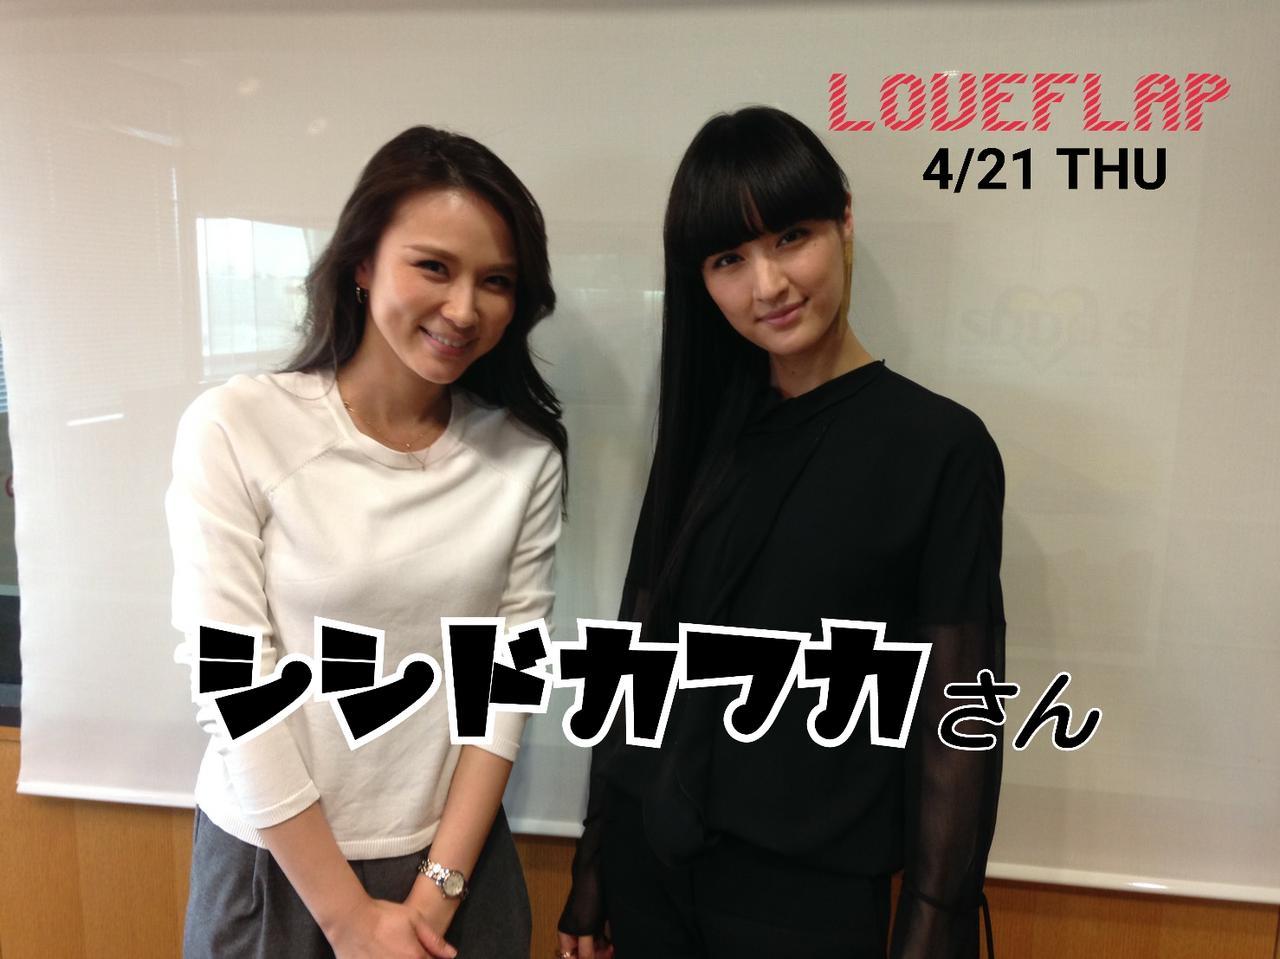 画像: 4/21(木) 【ドコモ d LIFE】シシドカフカさん